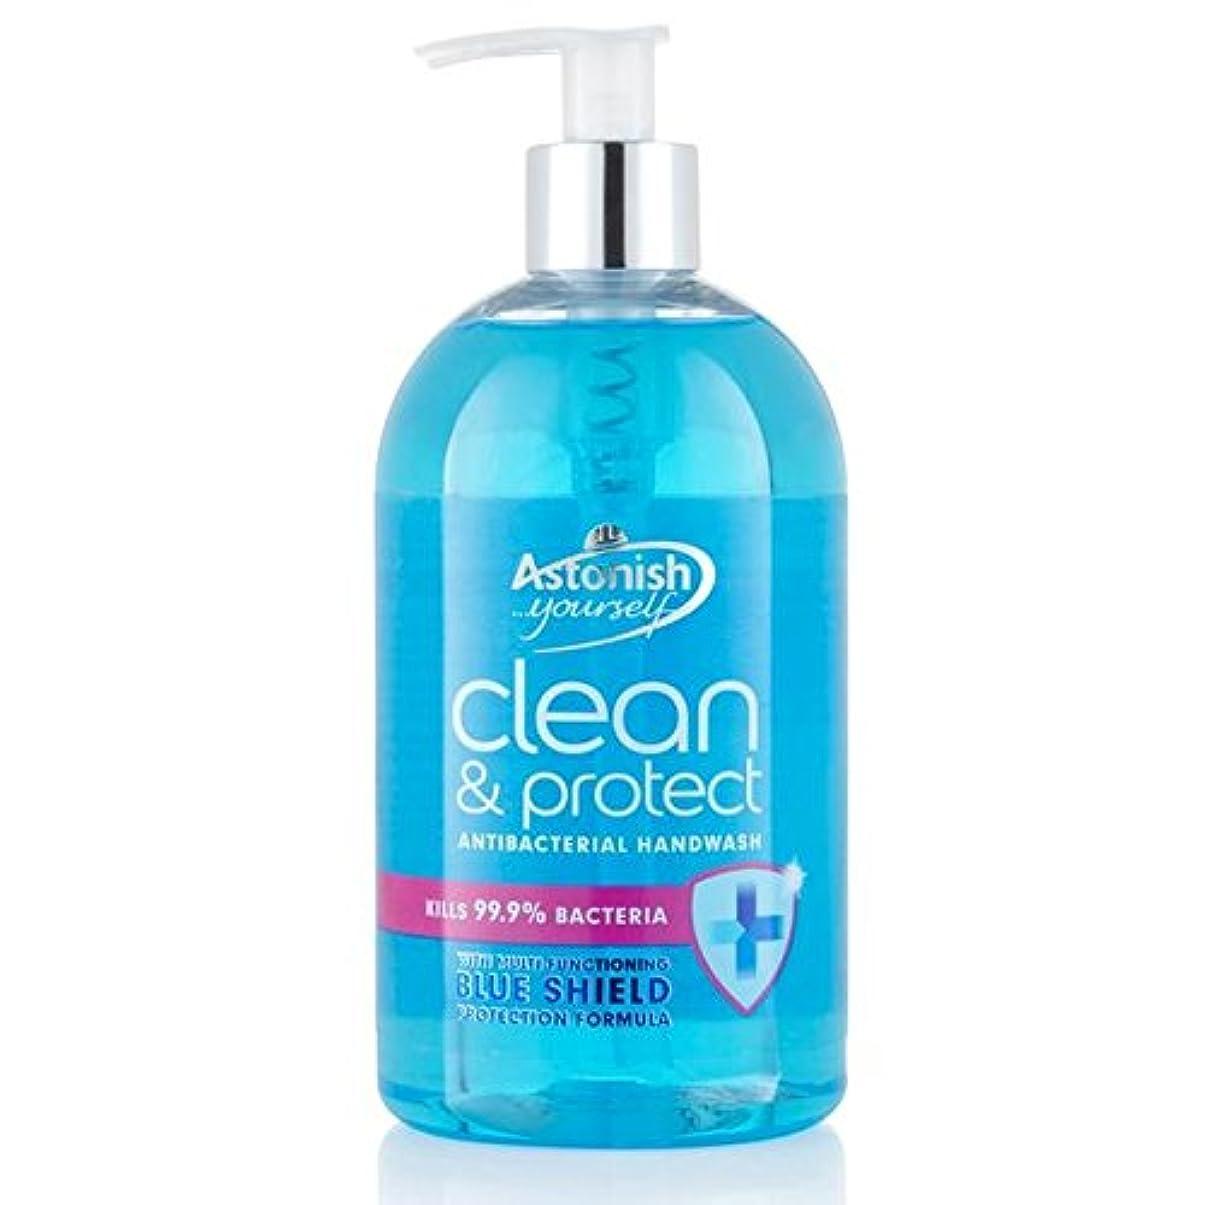 取り組む花嫁中央クリーン驚か&ハンドウォッシュ500ミリリットルを保護 x2 - Astonish Clean & Protect Hand Wash 500ml (Pack of 2) [並行輸入品]